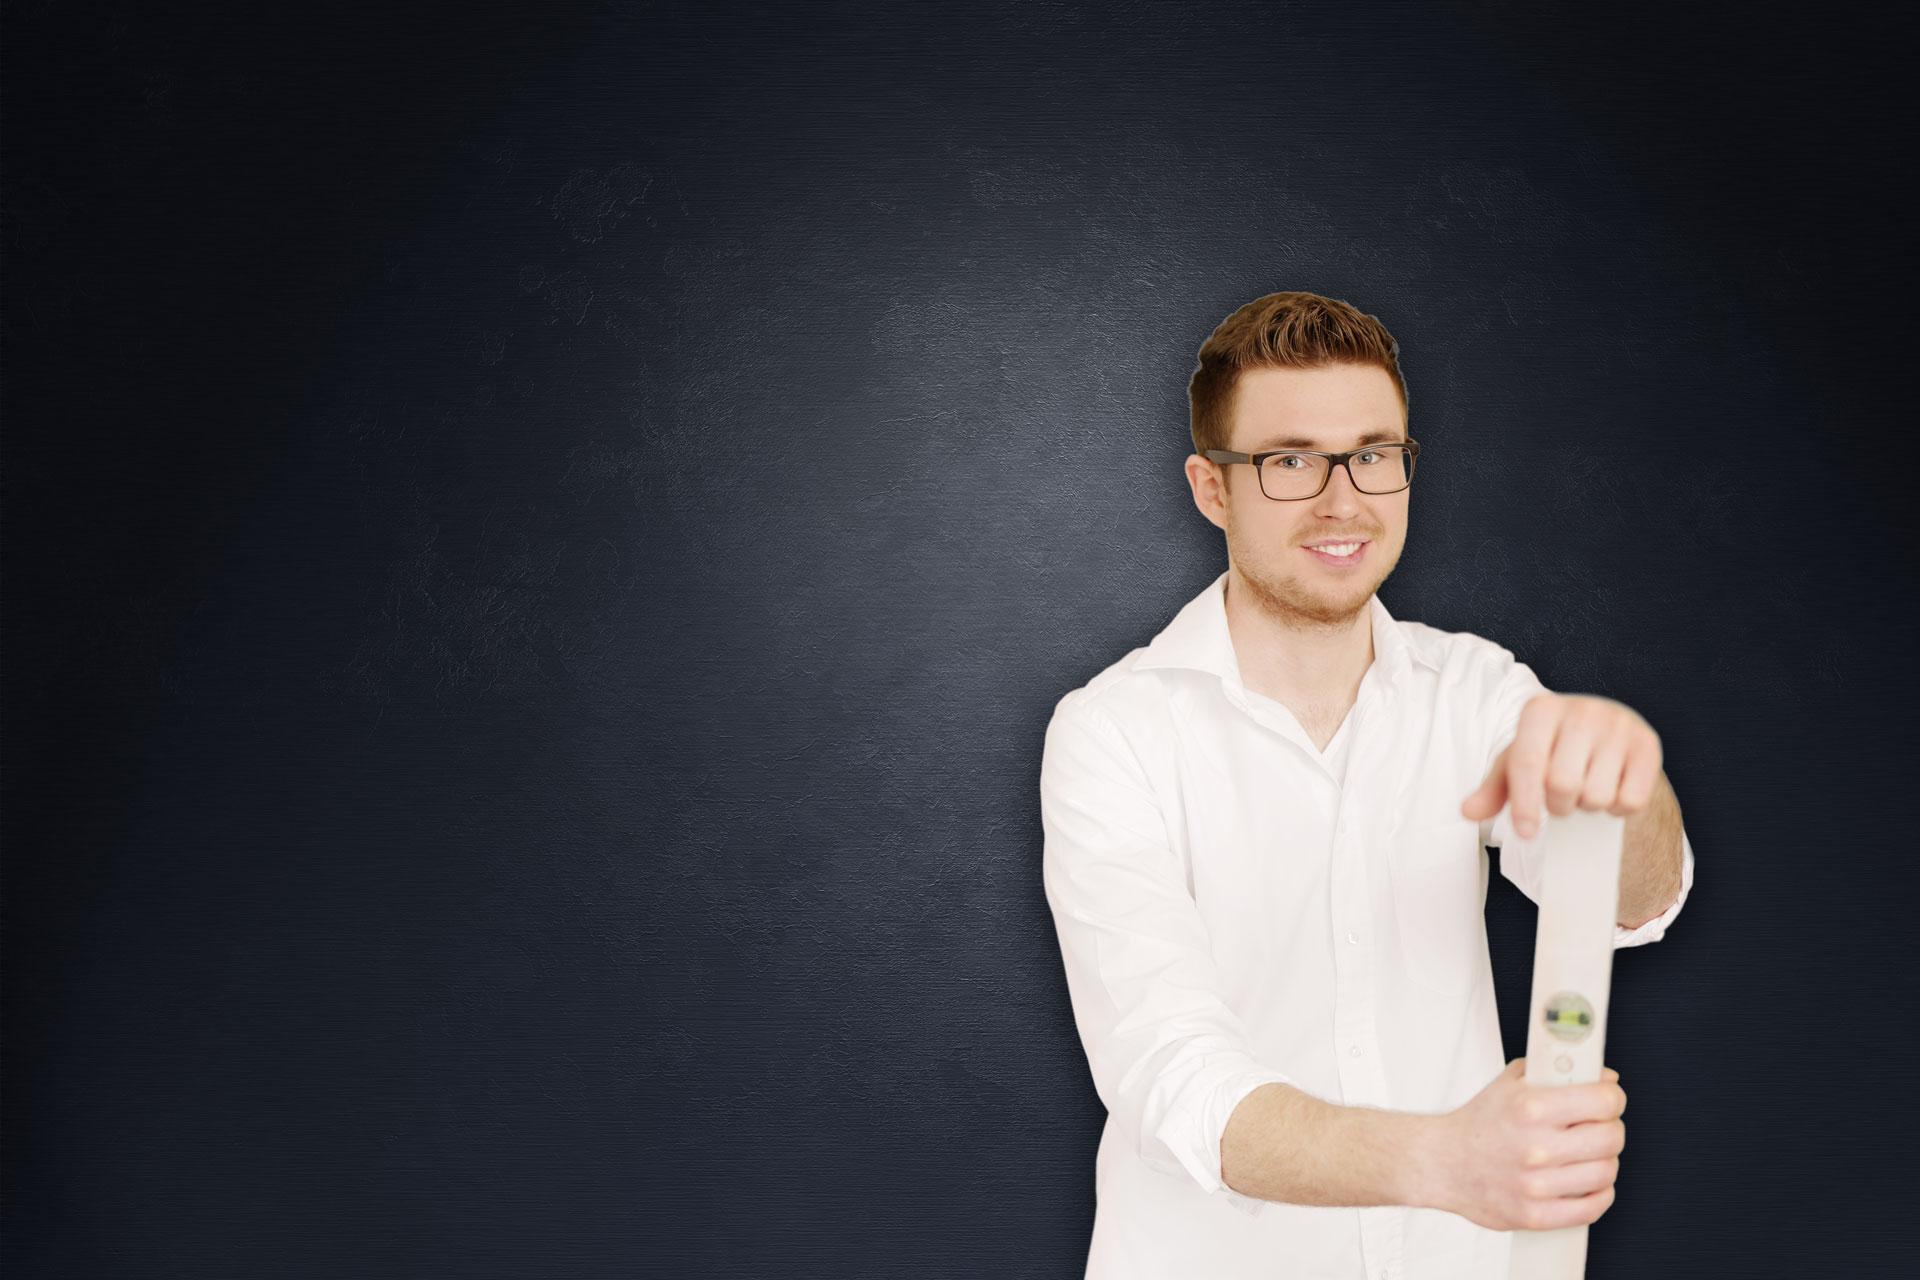 Fliesenleger Michael Neubauer mit Maßstock